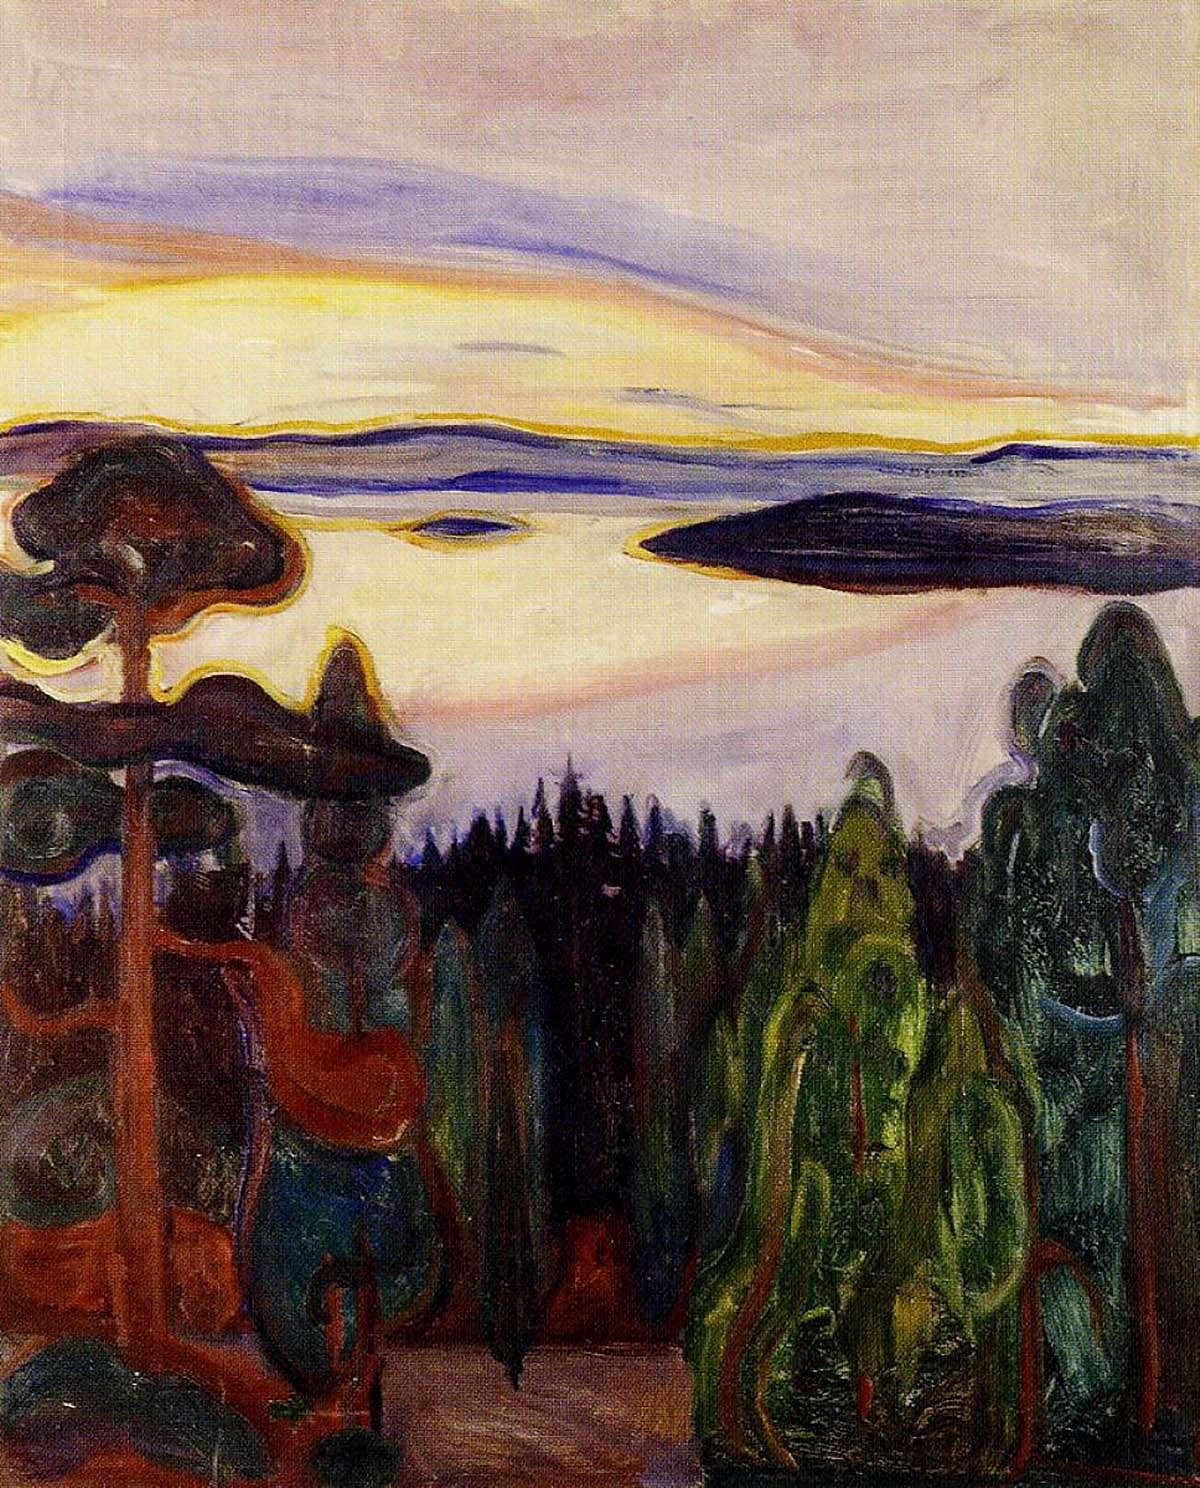 Edvard Munch, 'Sunset, Nordstrand' (1900)